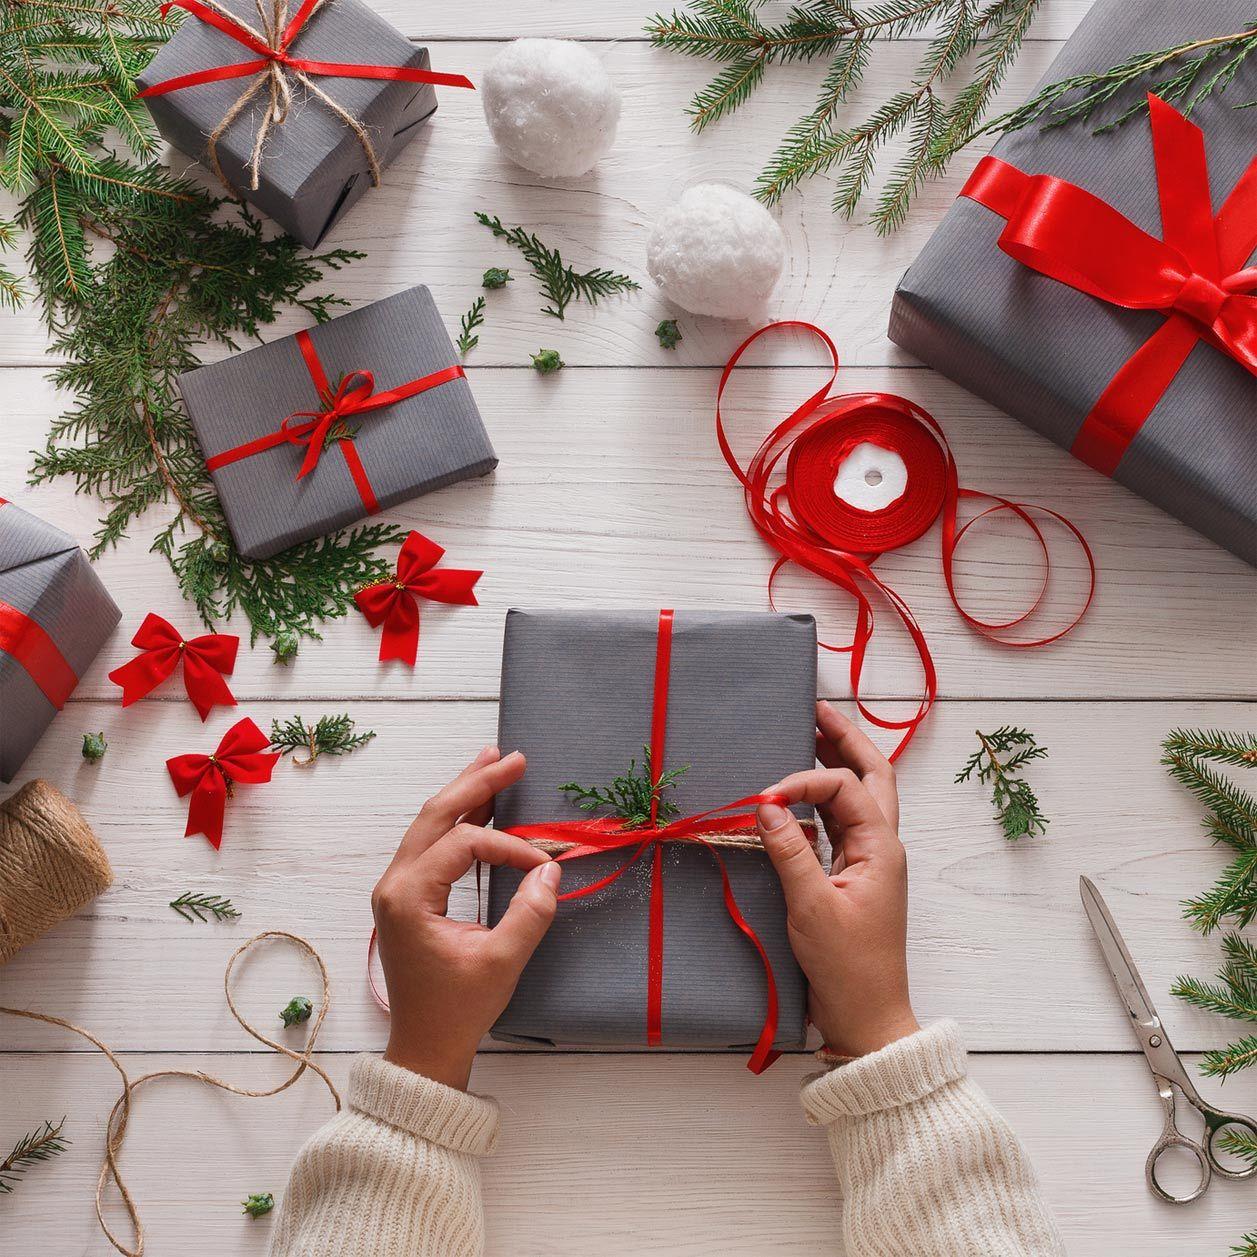 alles unter 10 euro kleine geschenke f r den adventskalender und zum wichteln do it yourself. Black Bedroom Furniture Sets. Home Design Ideas